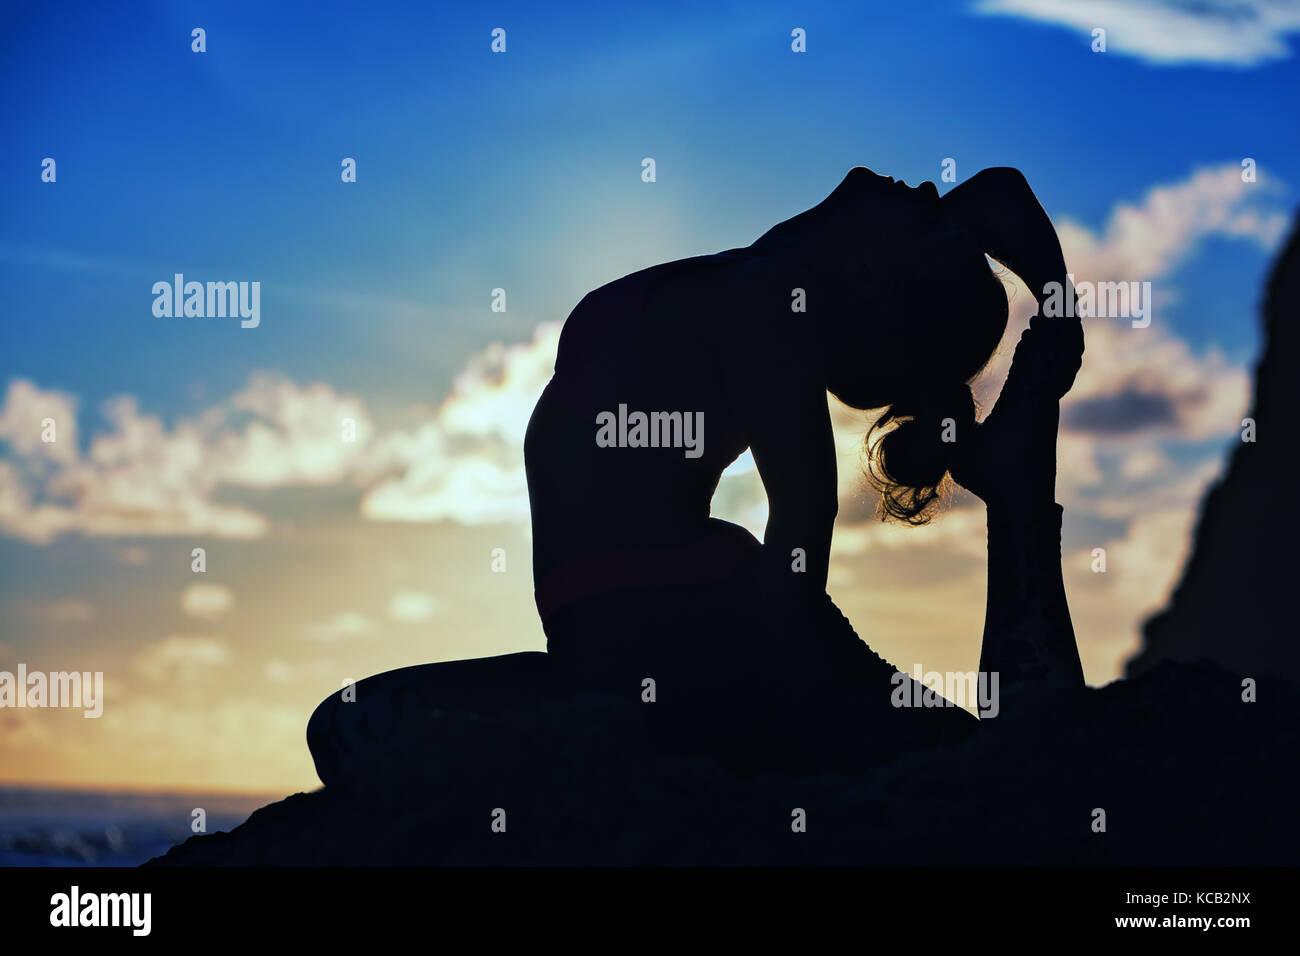 Mujer silueta negra sobre fondo de cielo atardecer. activa joven chica sentada en pose de yoga en la playa rock, Imagen De Stock